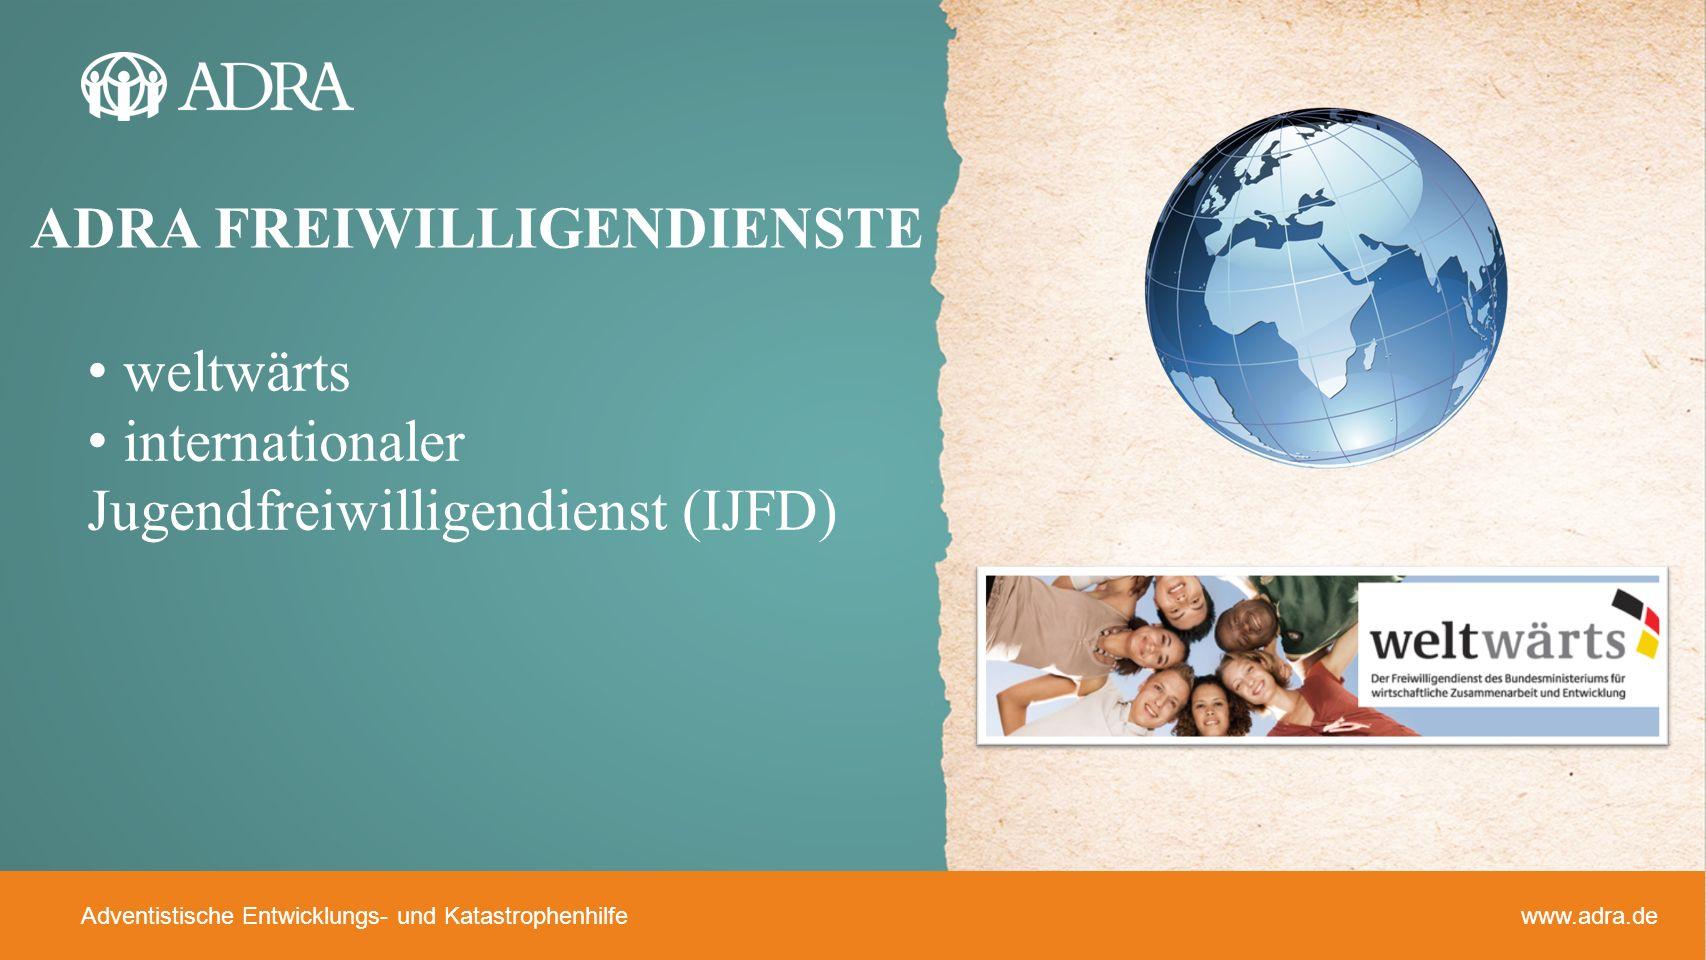 Adventistische Entwicklungs- und Katastrophenhilfe www.adra.de ADRA FREIWILLIGENDIENSTE weltwärts internationaler Jugendfreiwilligendienst (IJFD)